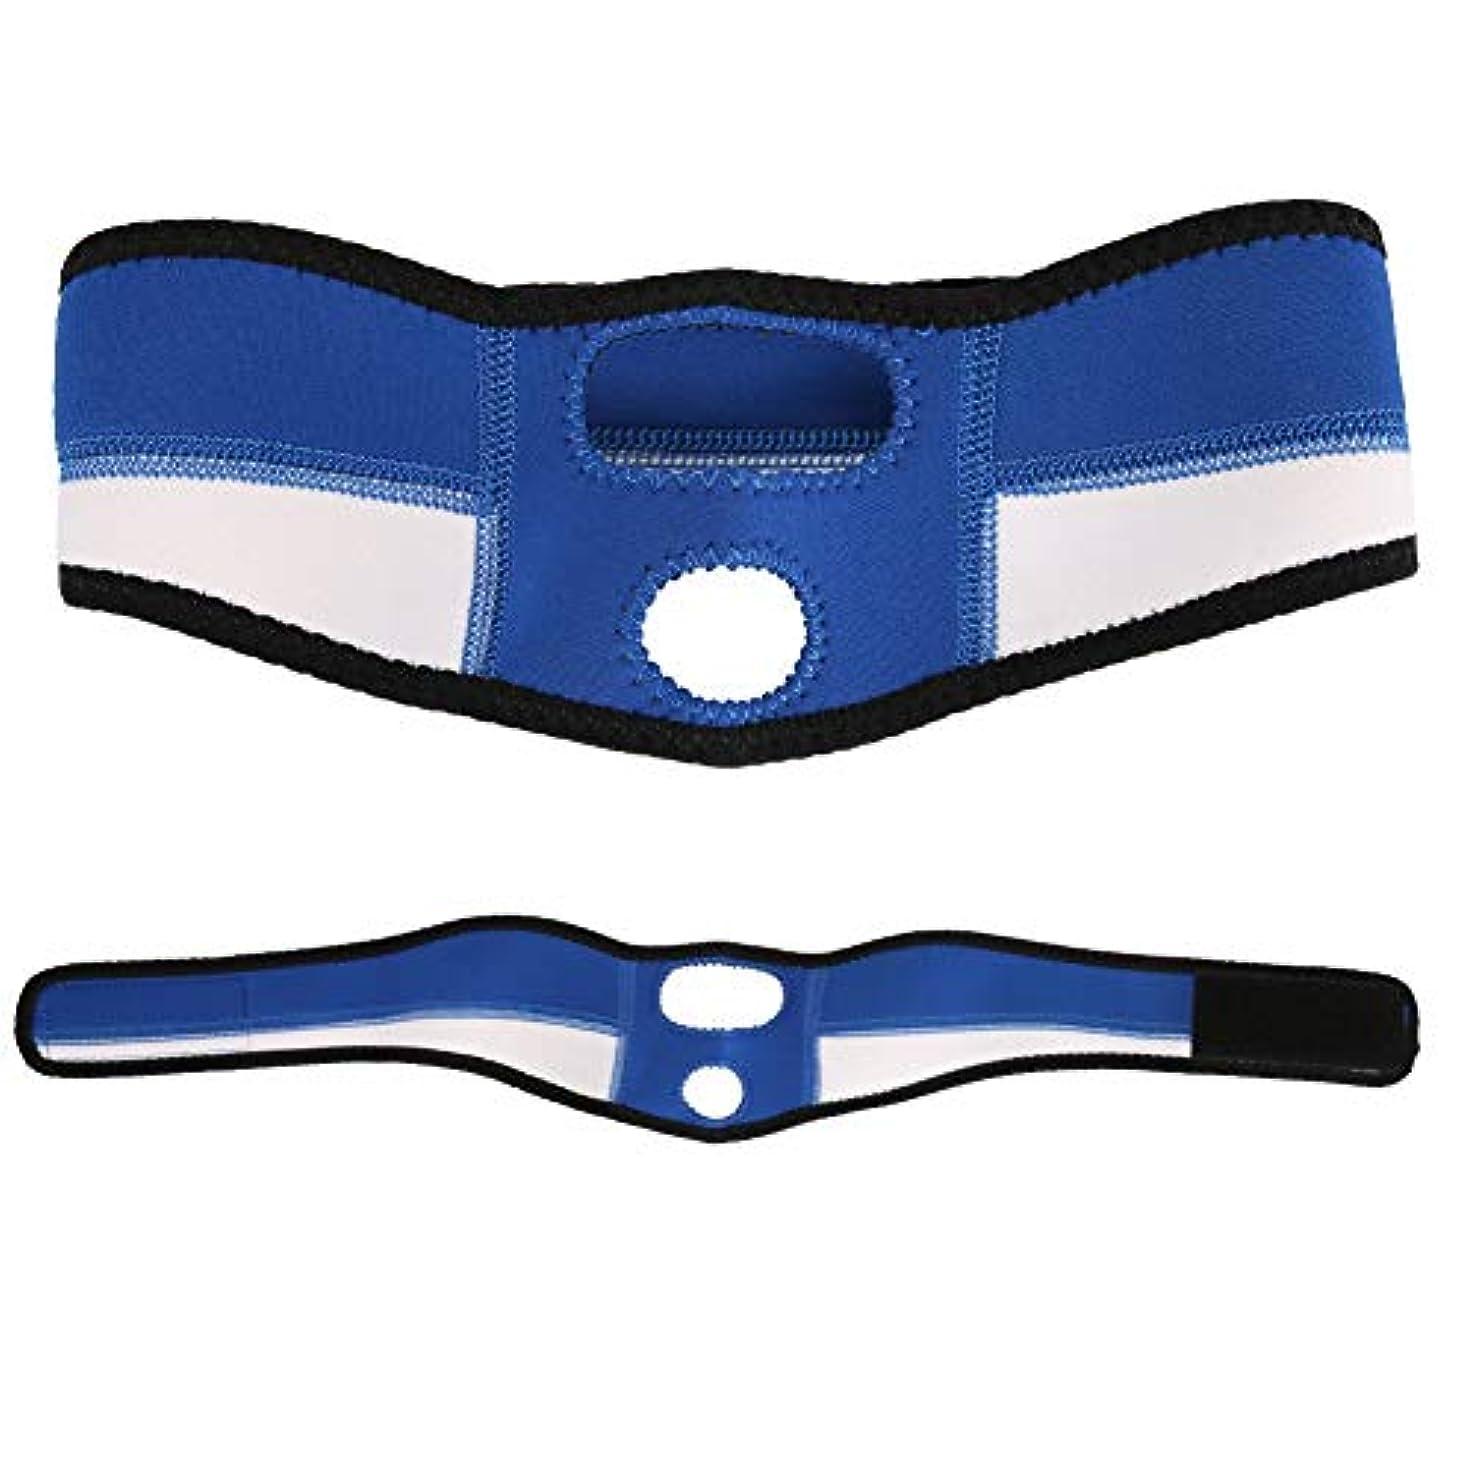 サミットタイヤのヒープフェイス減量ベルト、顔フェイシャルリフティング痩身ベルト締め付け 调节可能 Vラインベルト リフトフェイスベルト 顎ベルト